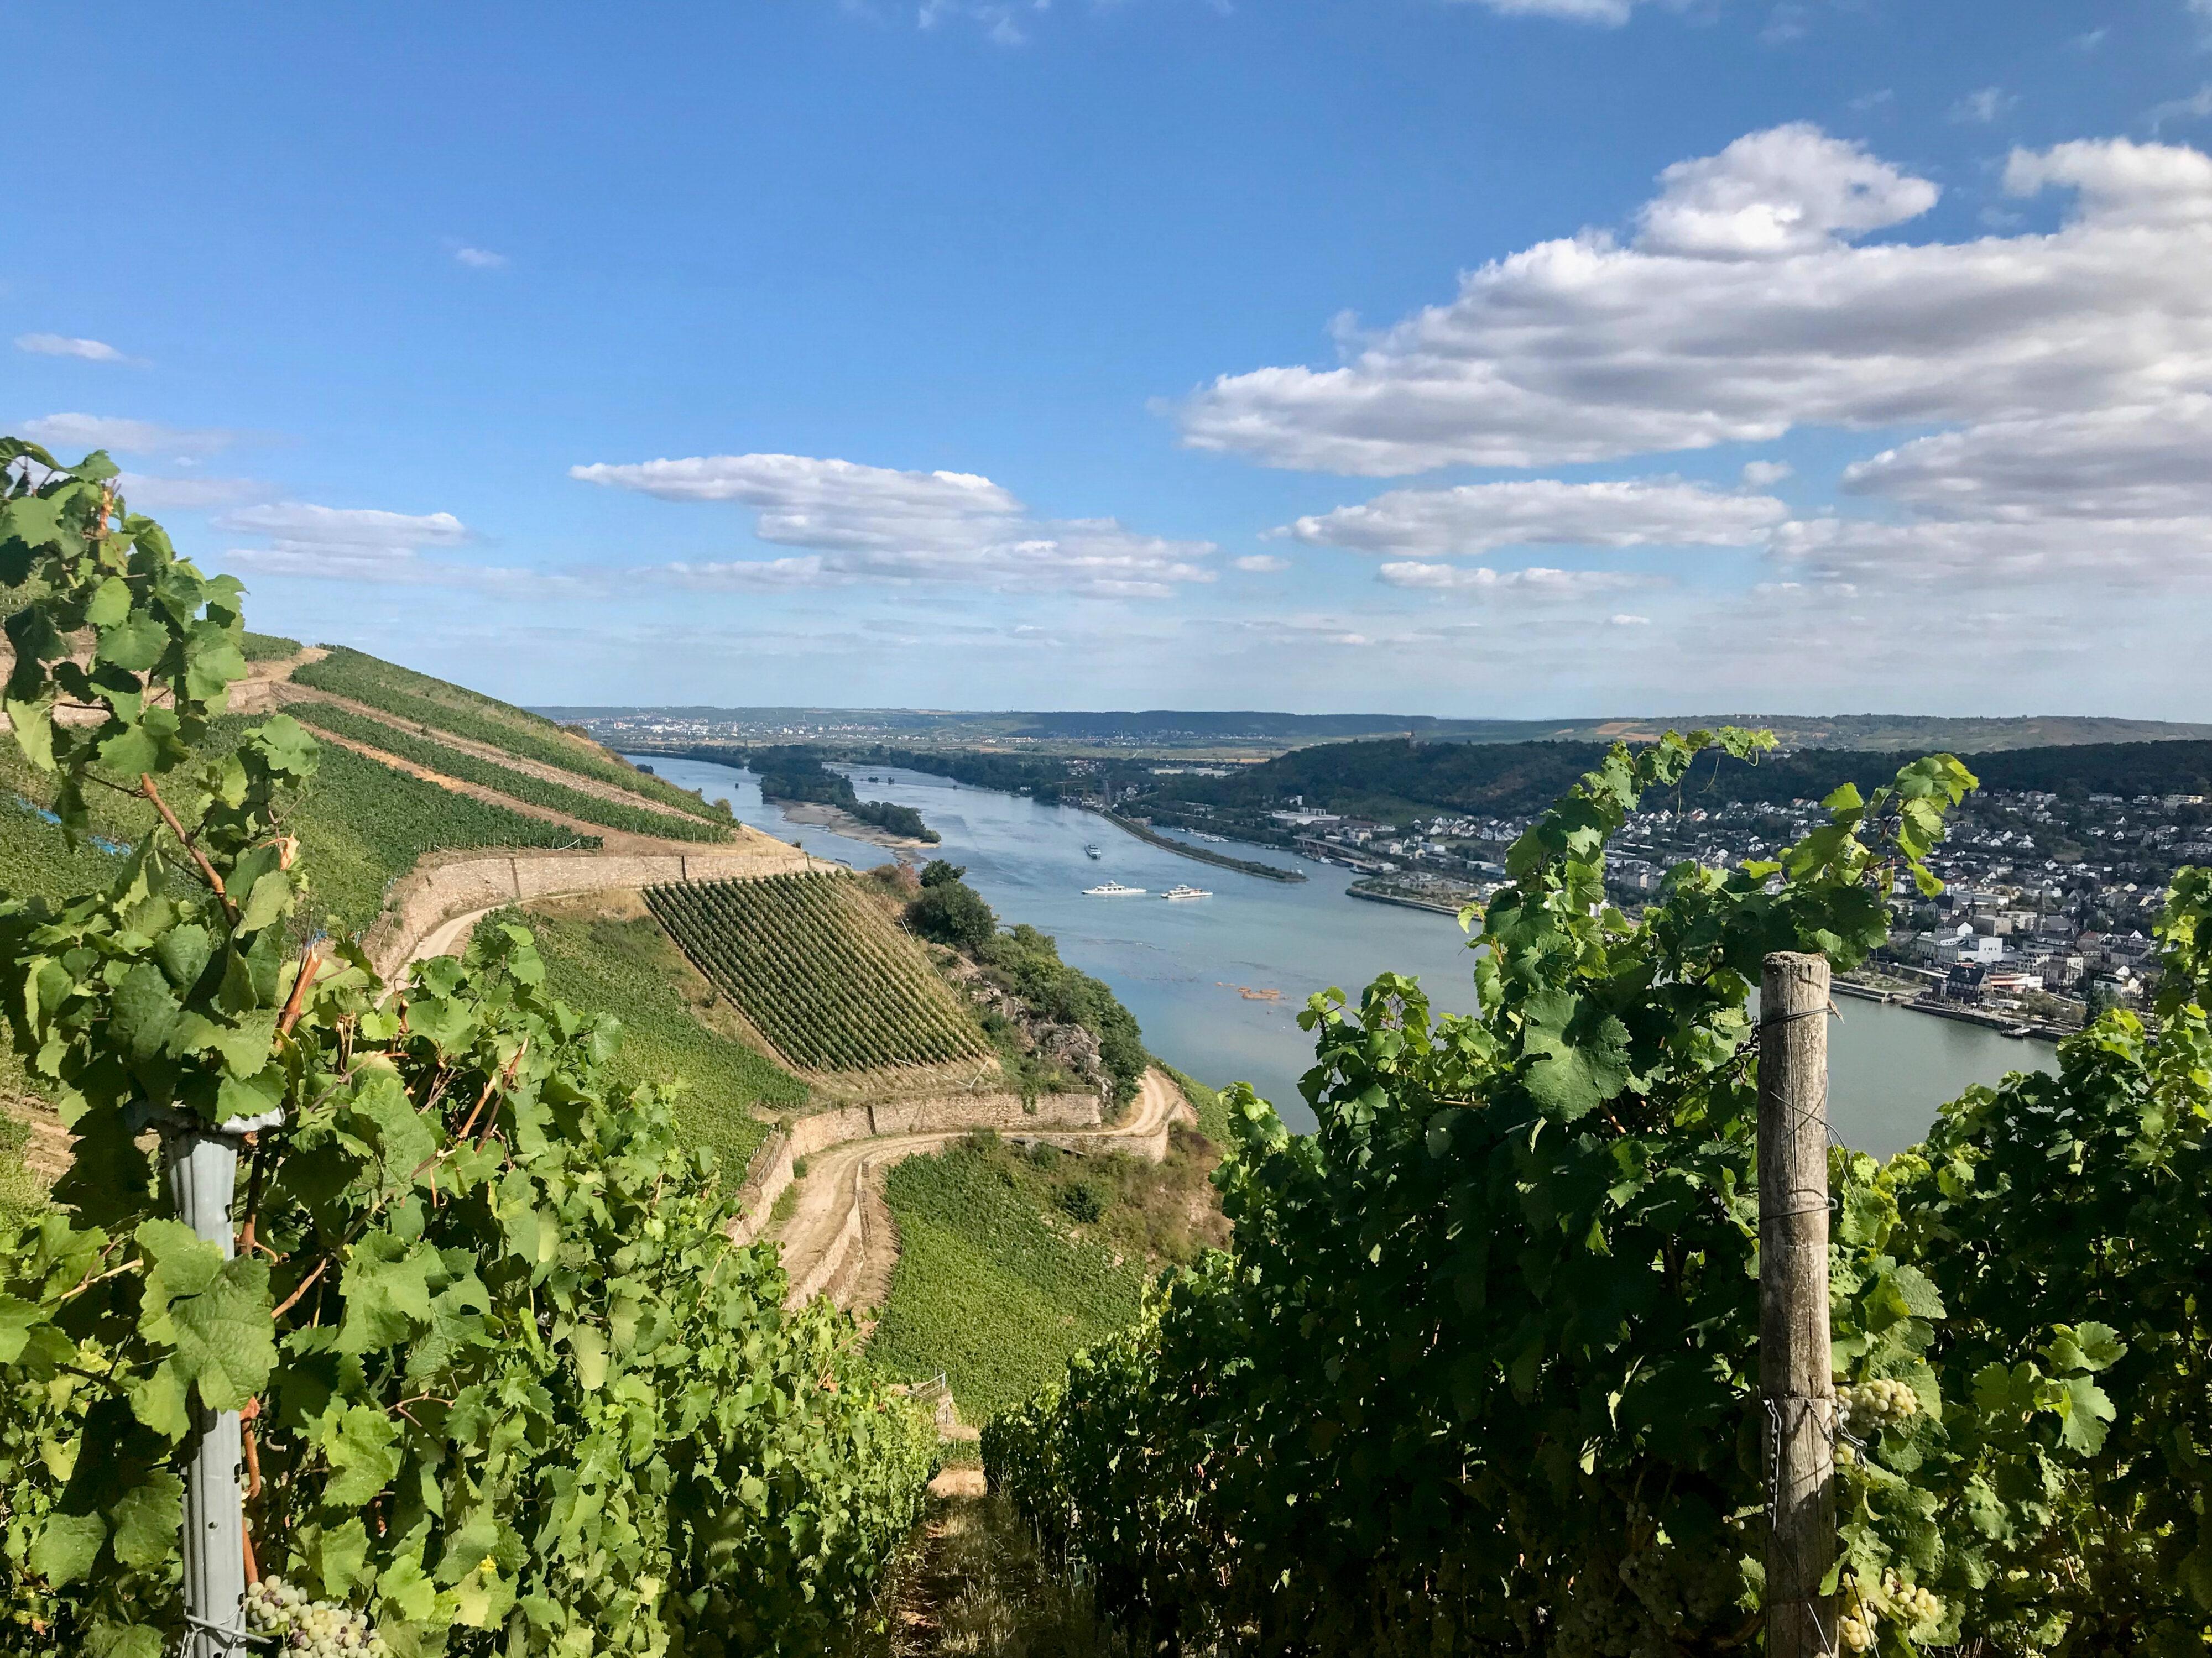 SUV-Kofferraum und Rheinwanderung bei Rüdesheim